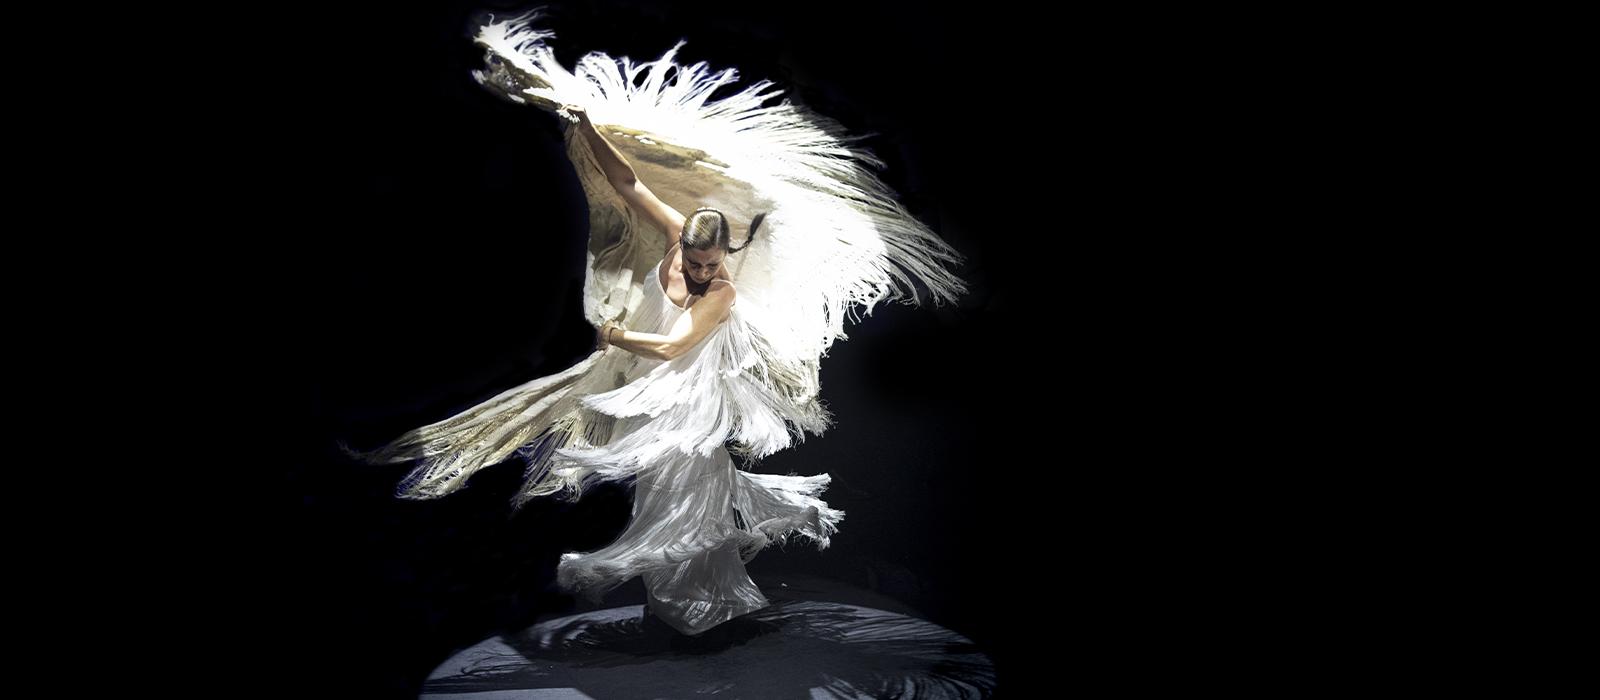 Sara Baras continúa derrochando arte y talento con su nueva gira 'Momentos'